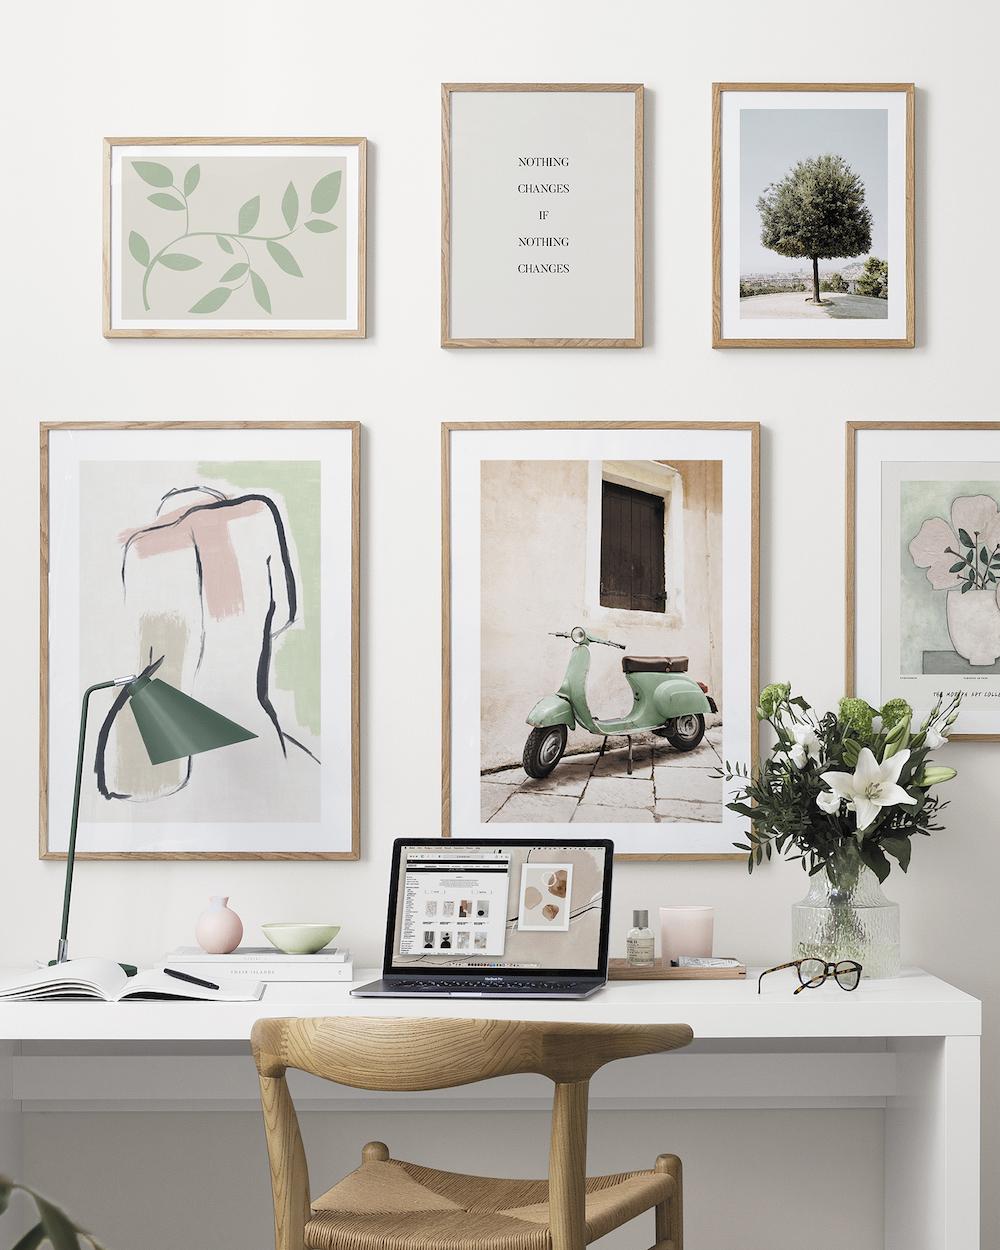 Thuiswerkplek. Thuis werken in inspirerebd thuiskantoor inspiratie #thuiskantoor #wanddecoratie #posters #Desenio